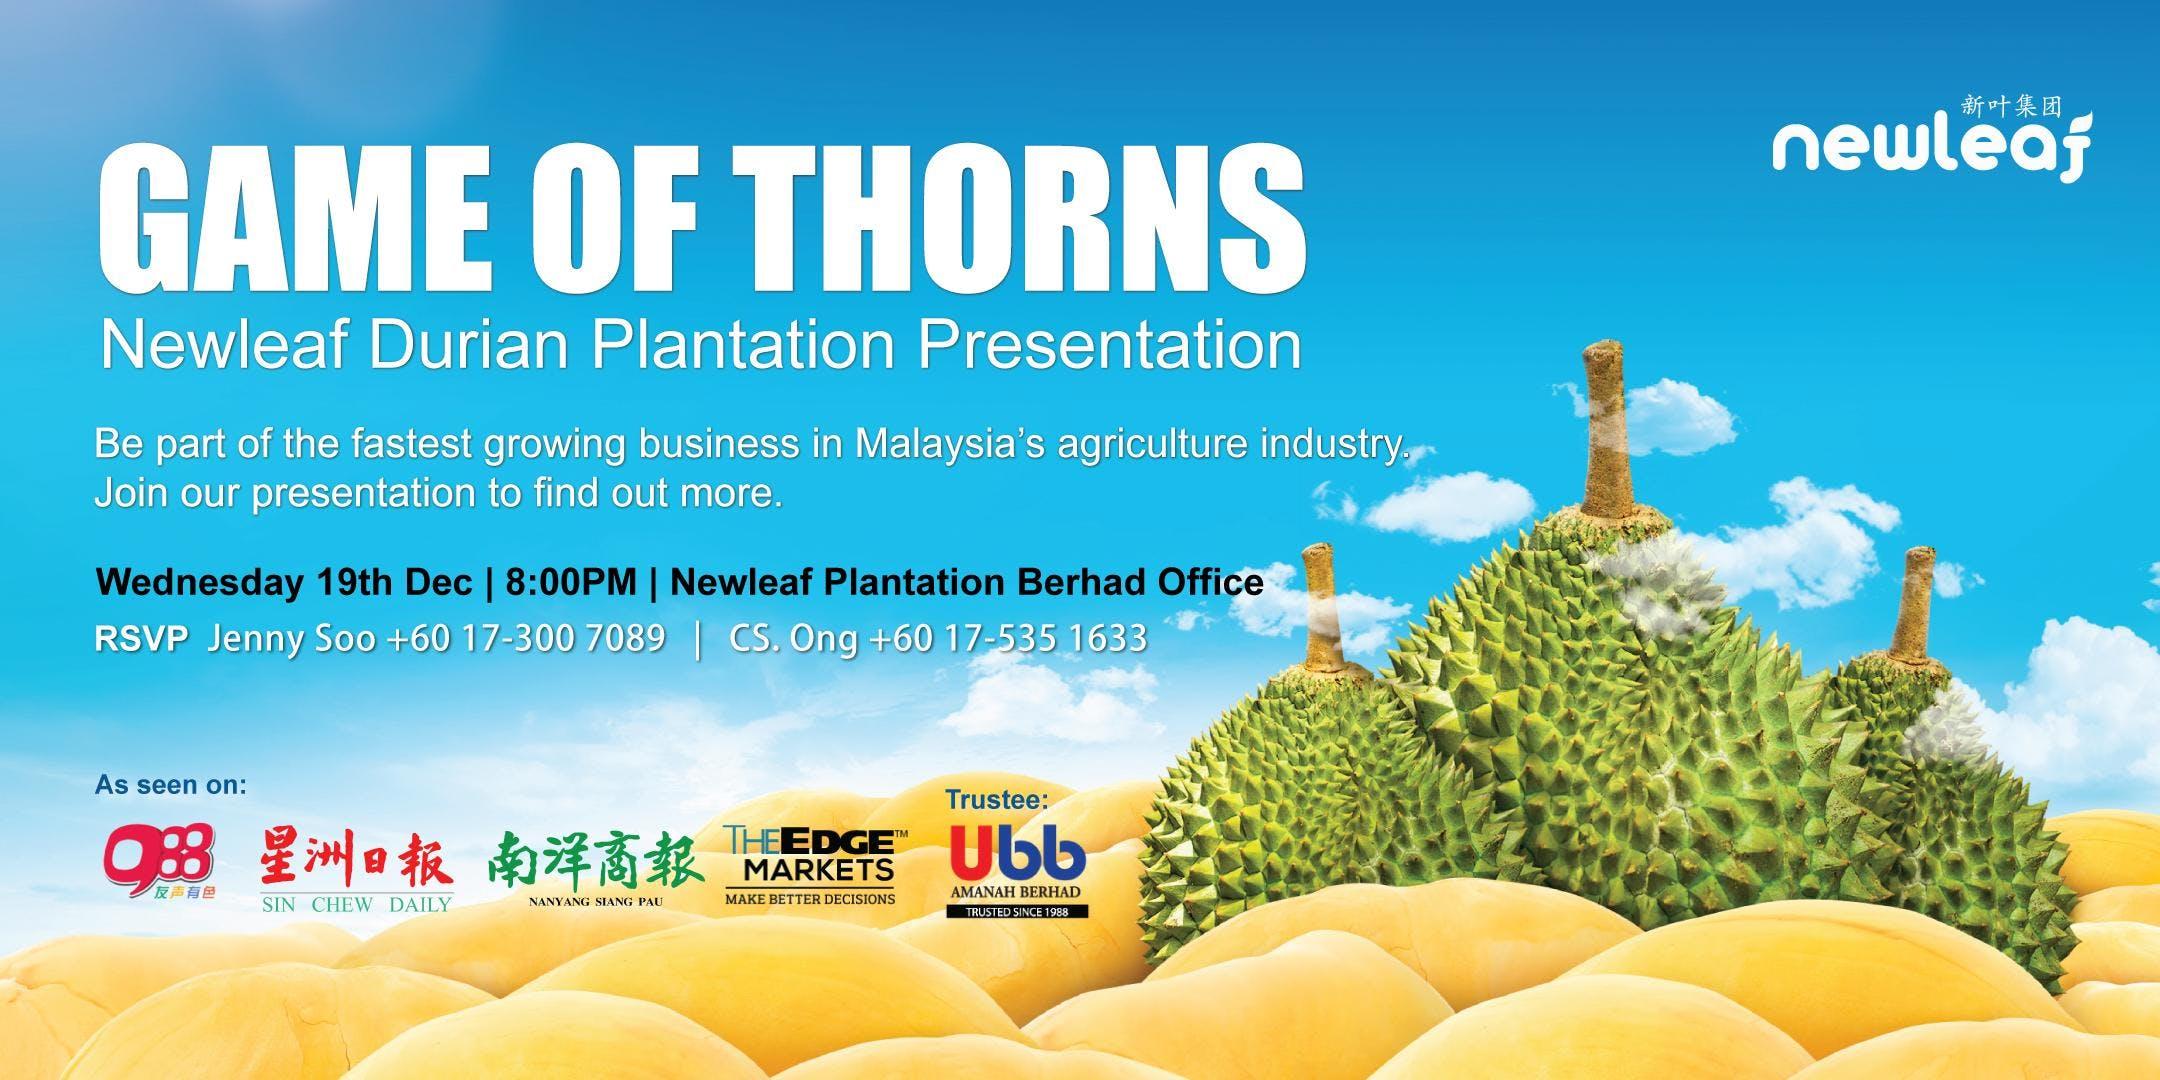 Newleaf Durian Plantation Presentation (ENG)